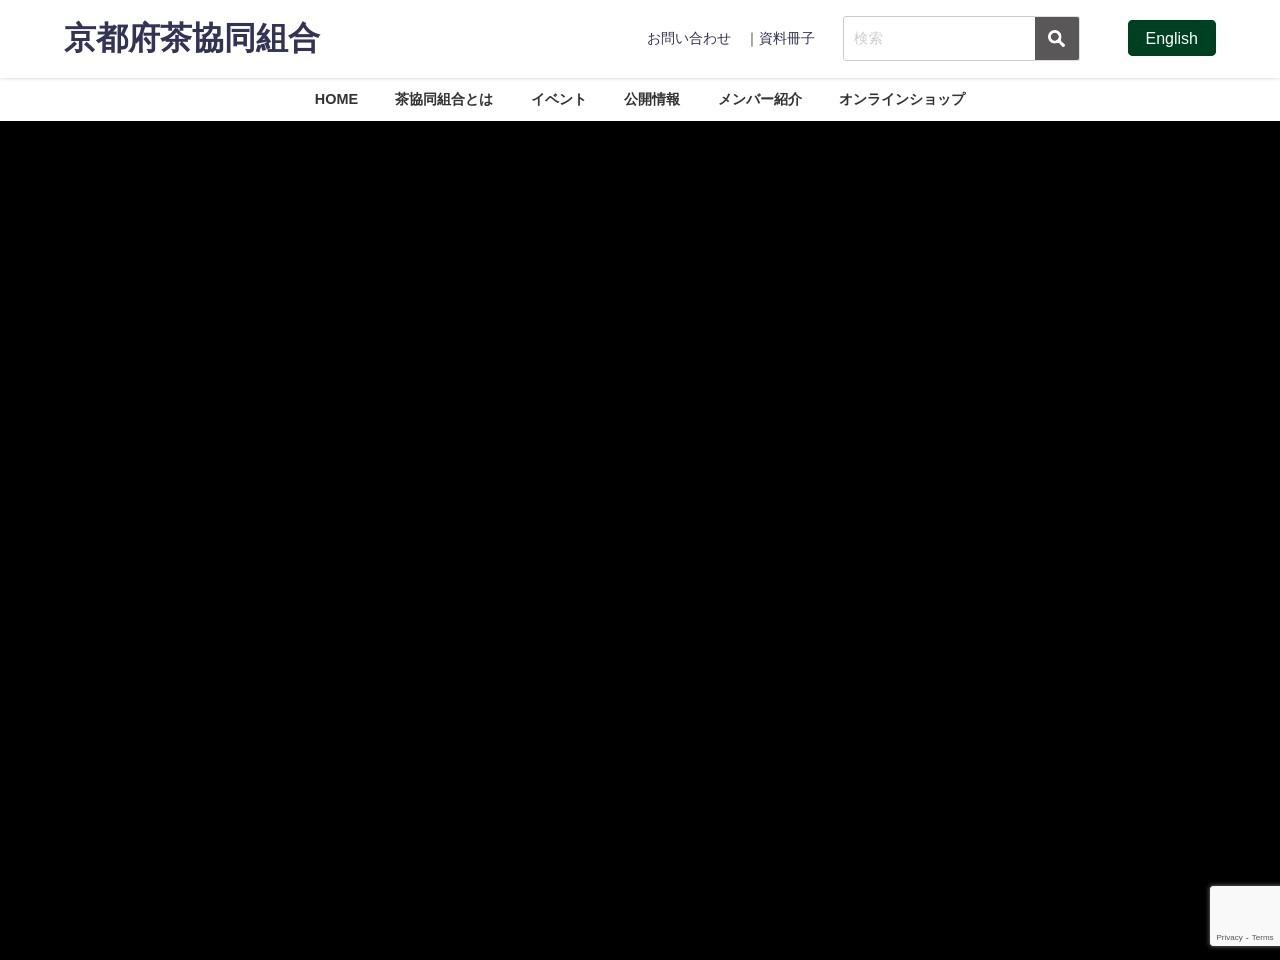 田丸屋茶業株式会社